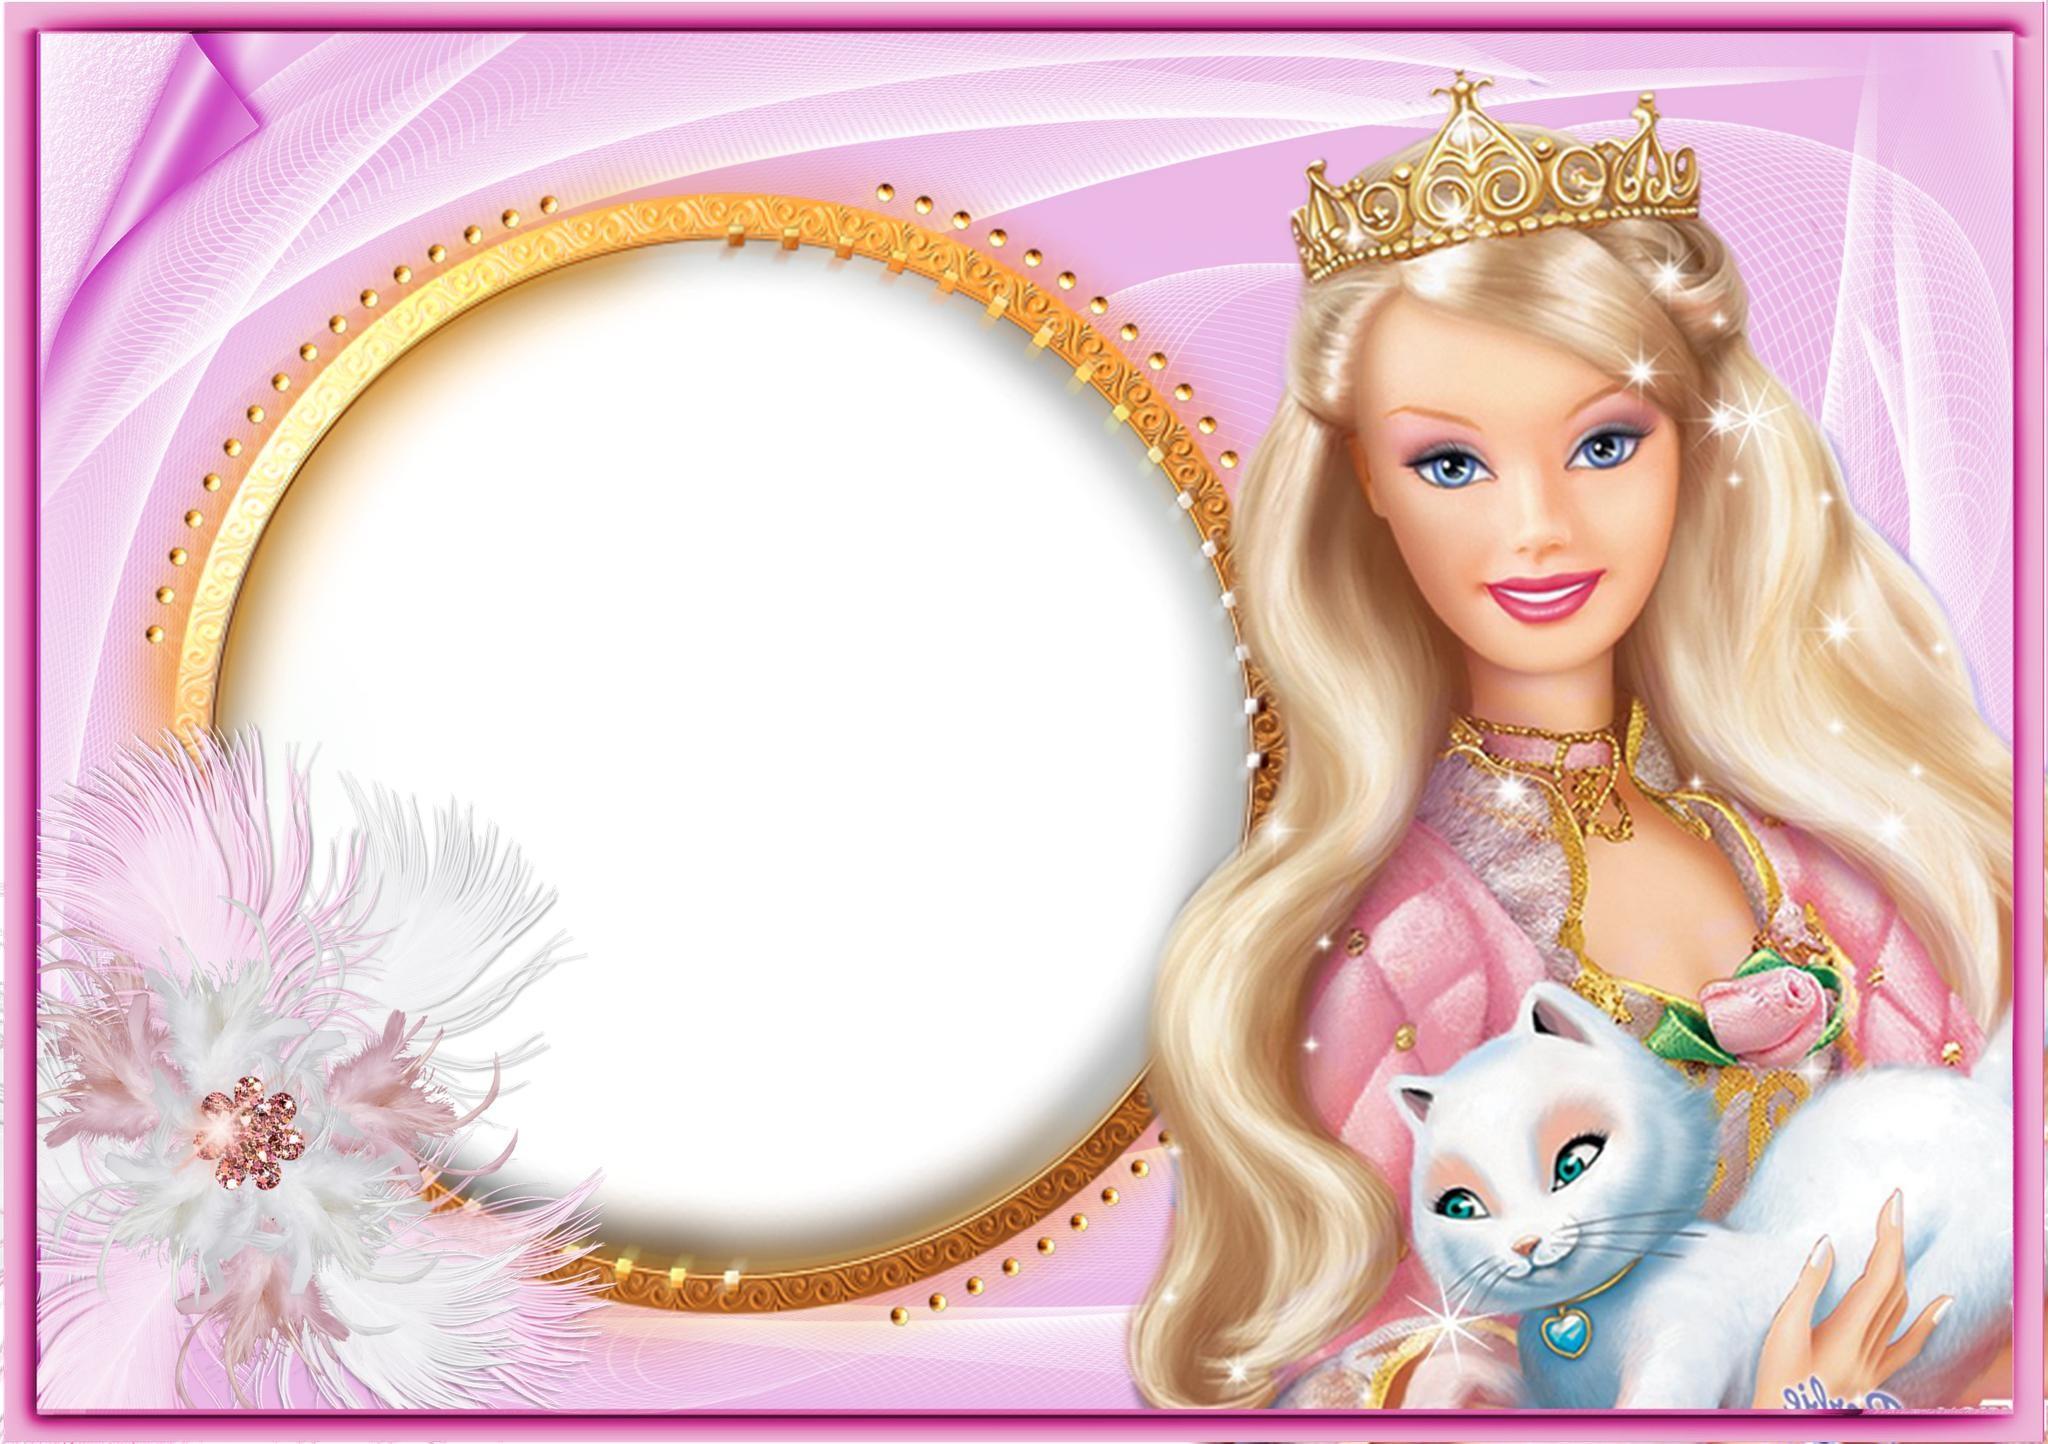 1920x1200 Beautiful Princess Doll Hd Wallpaper